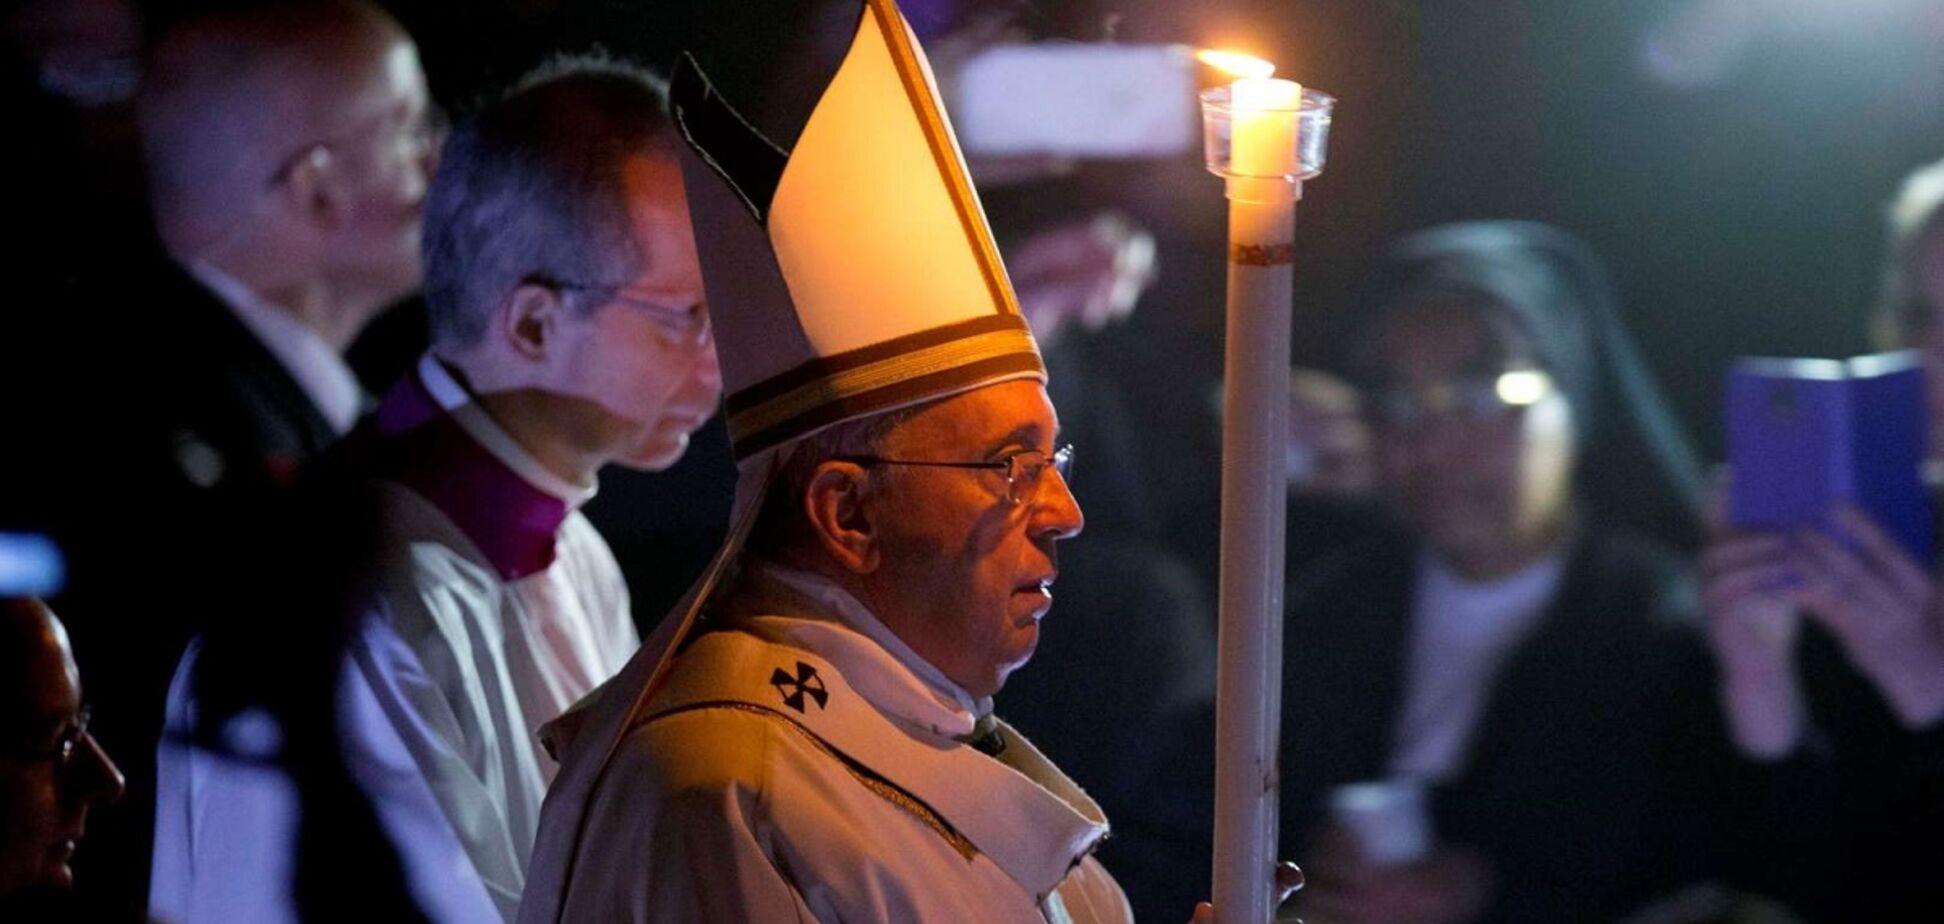 Великдень 2018 у Ватикані: як пройшло богослужіння з Папою Франциском